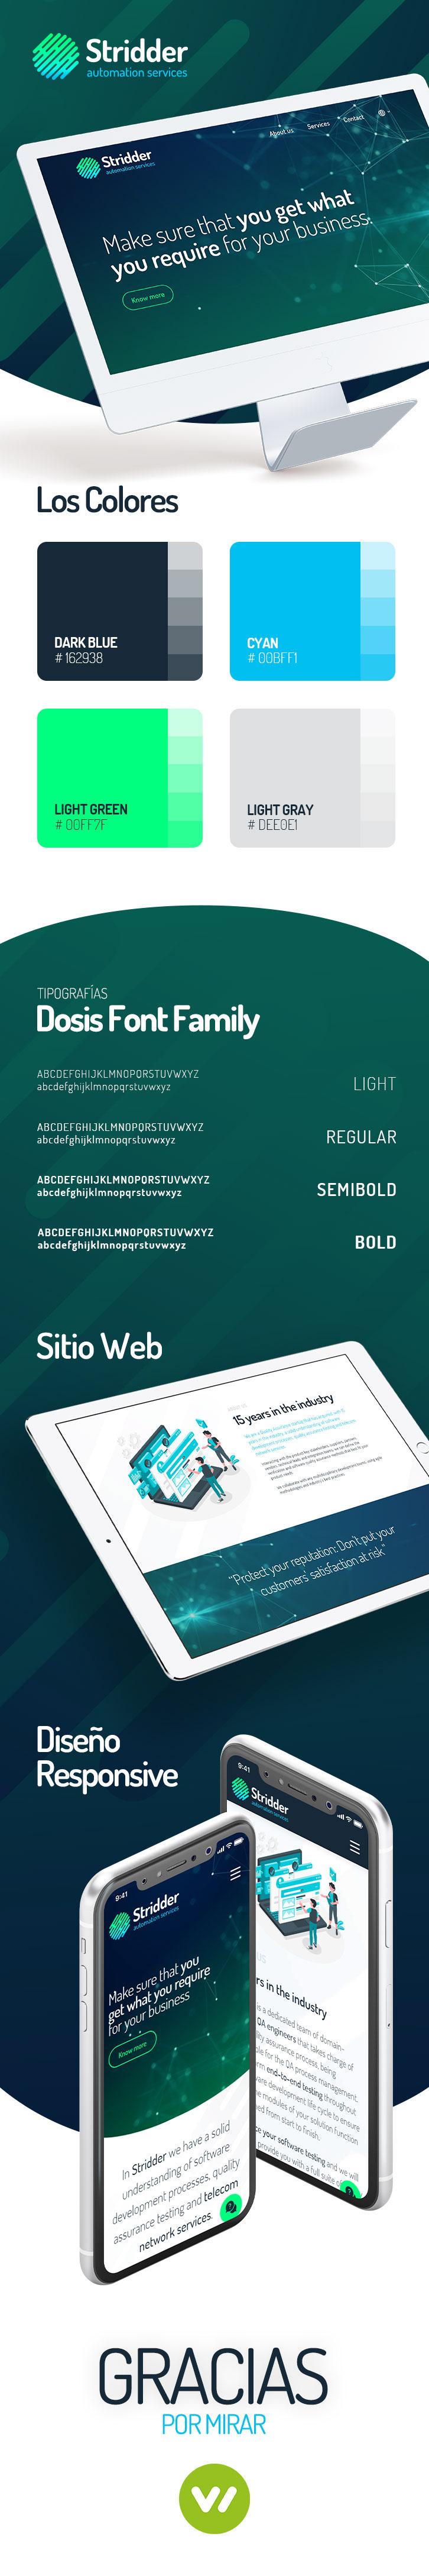 Micro sitio web profesional